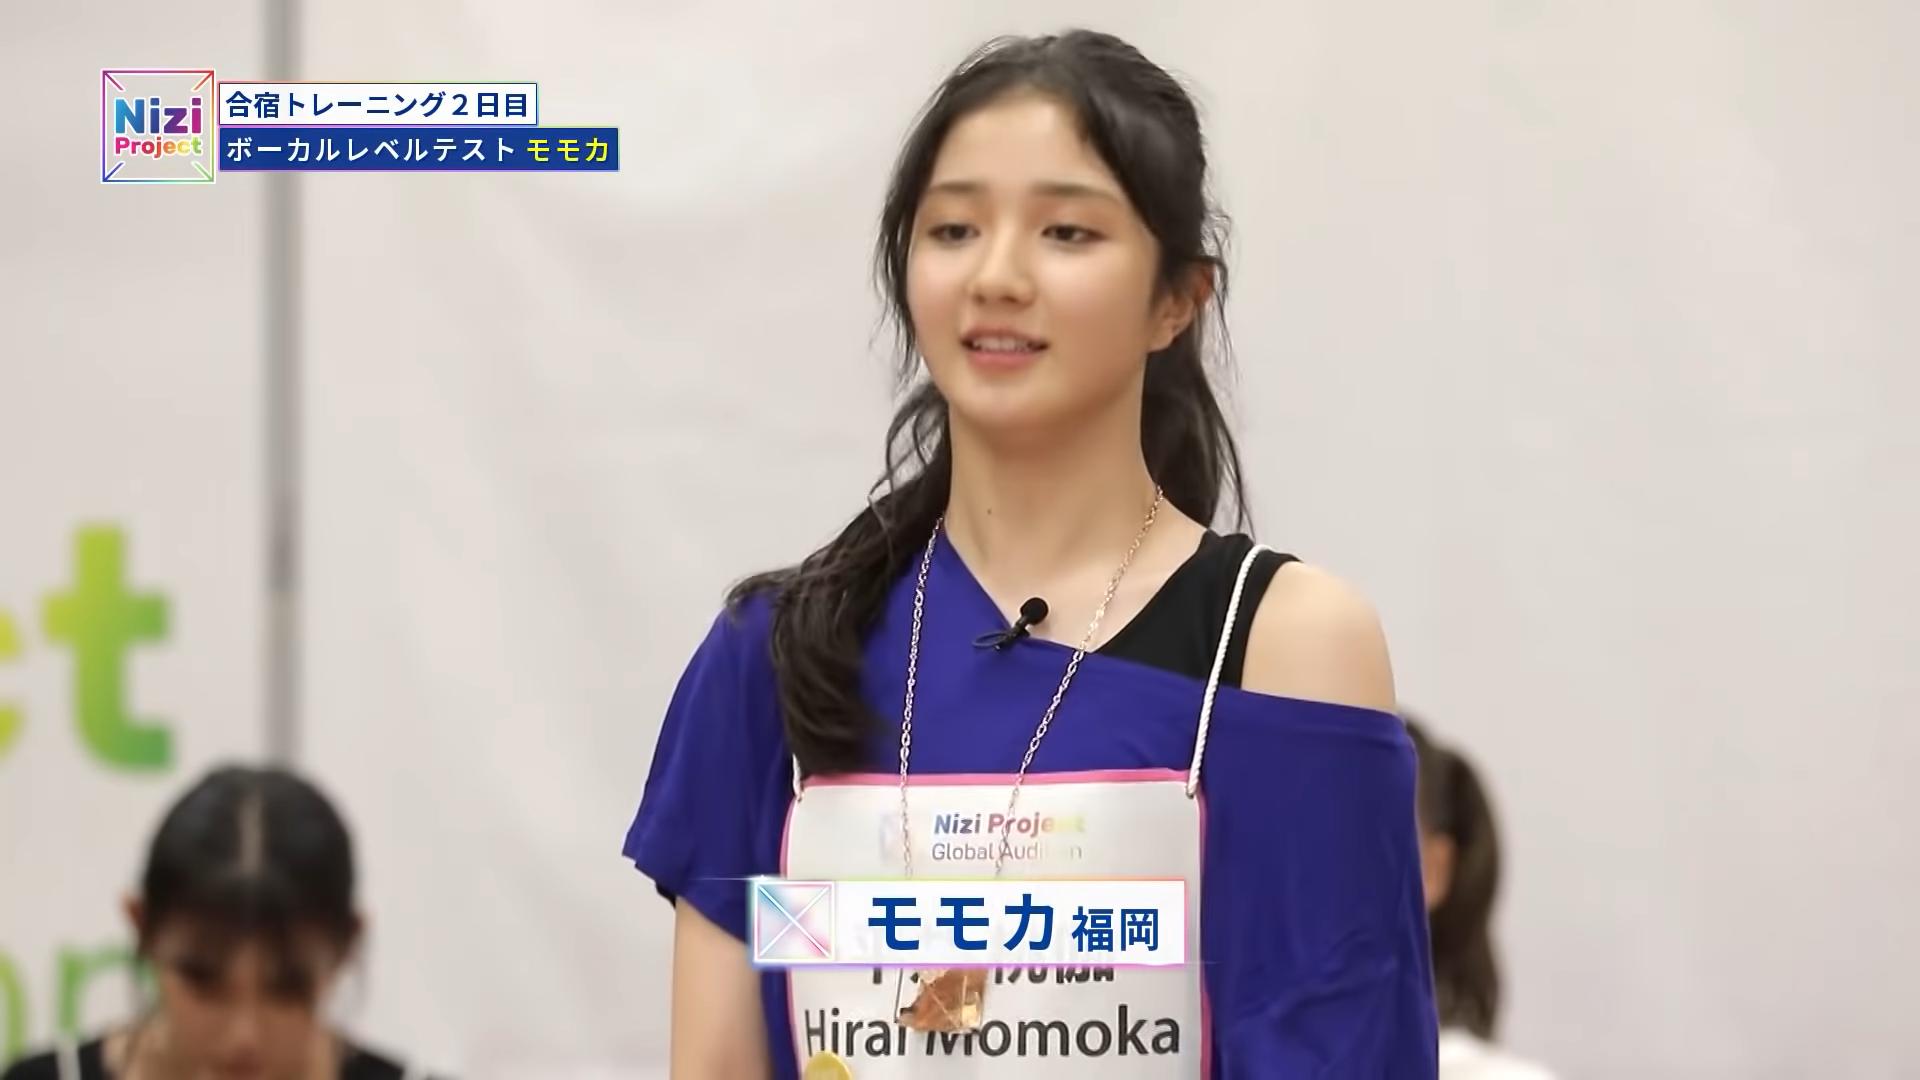 虹プロ メンバー モモカ